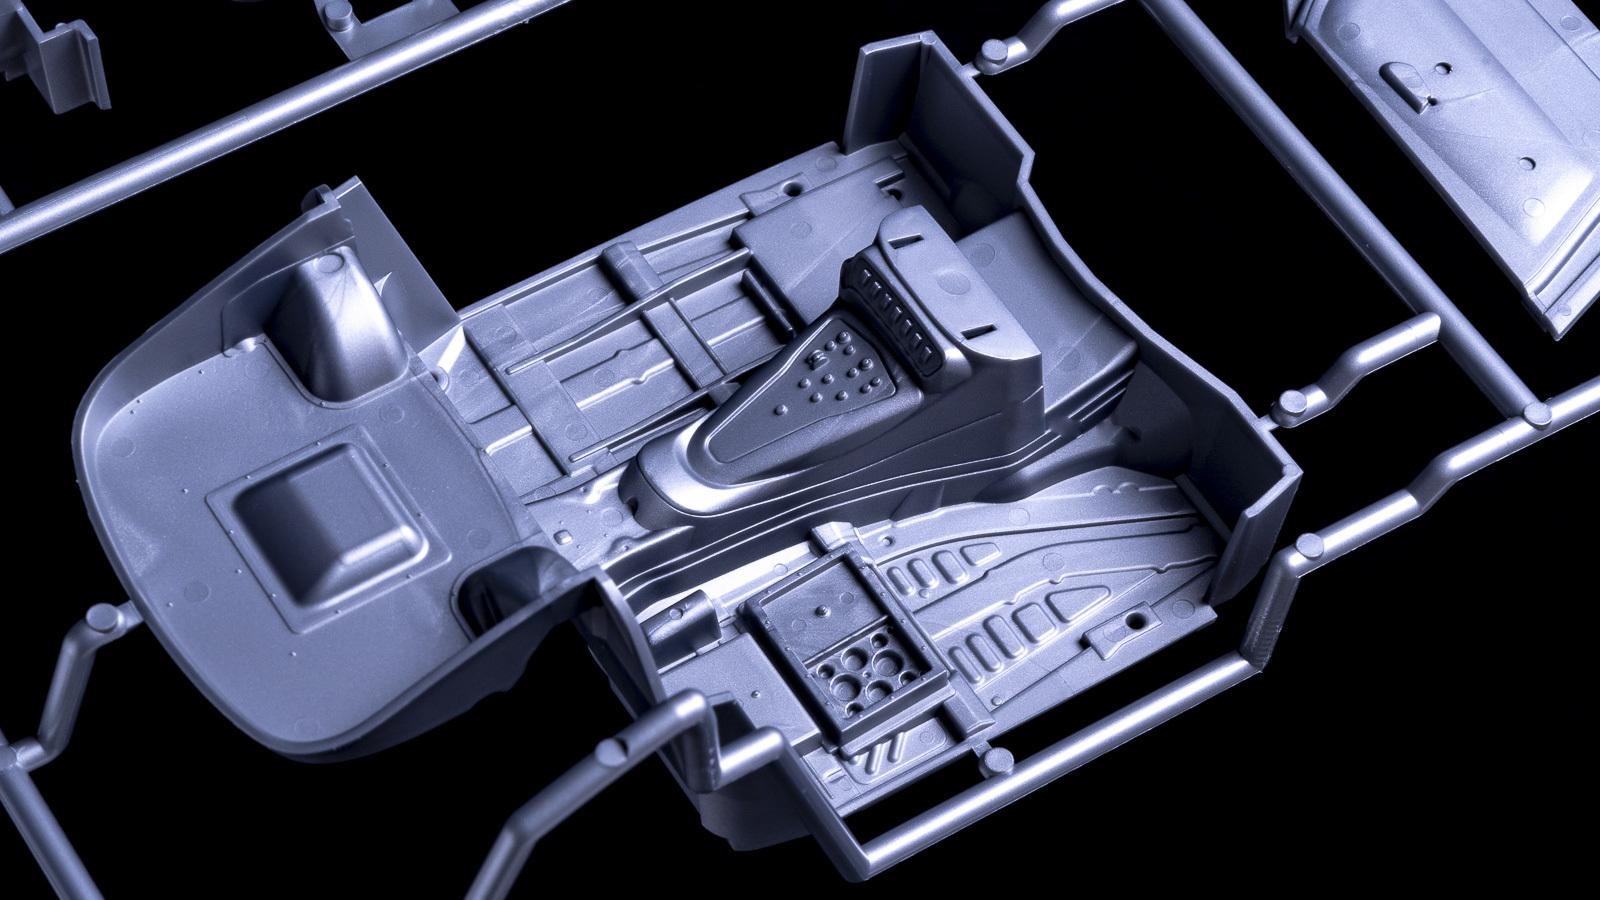 カーモデルの超ビギナーが初音ミクのGTマシンを2日で作れる魔法のような方法を教えます_b0029315_23260460.jpg